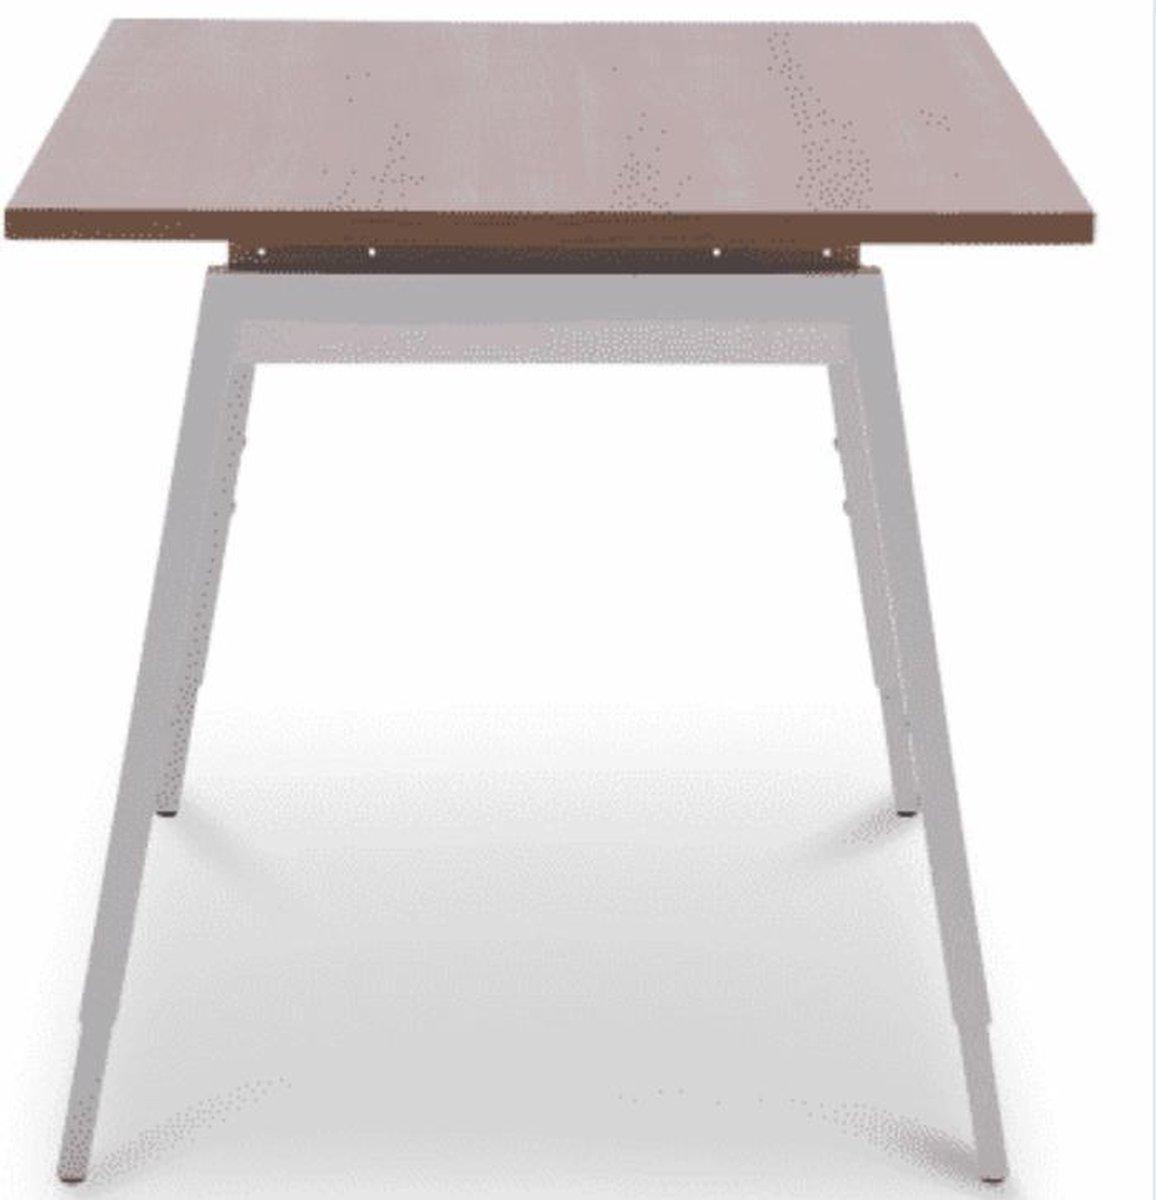 Recht Bureau Design-Line - 120 x 80 Cm - 72 Cm Hoog - Ideaal Voor Kleinere Ruimtes - Luxe Design Uitstraling - Bureau - Kersen Havanna Tafelblad - Aluminium Onderstel